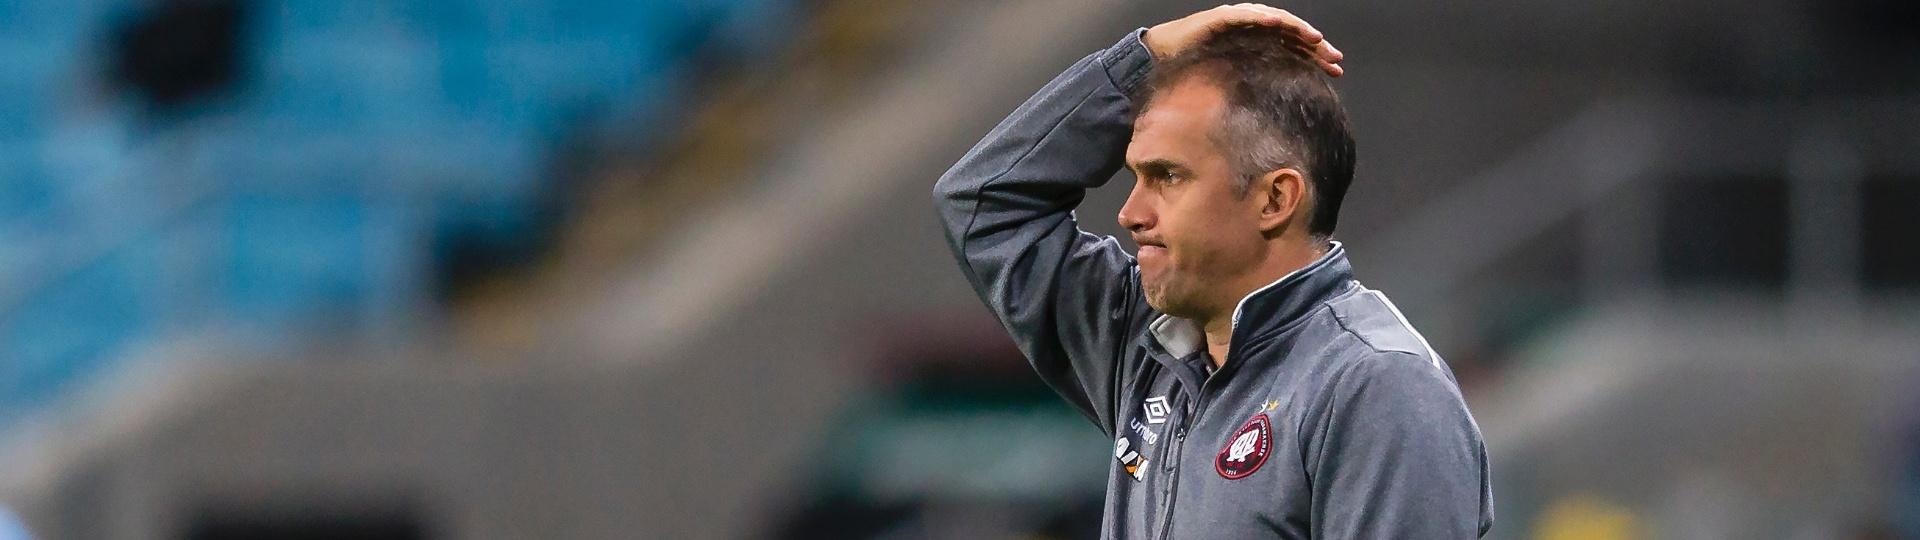 Eduardo Baptista descontente com o desempenho do Atlético-PR contra o Grêmio